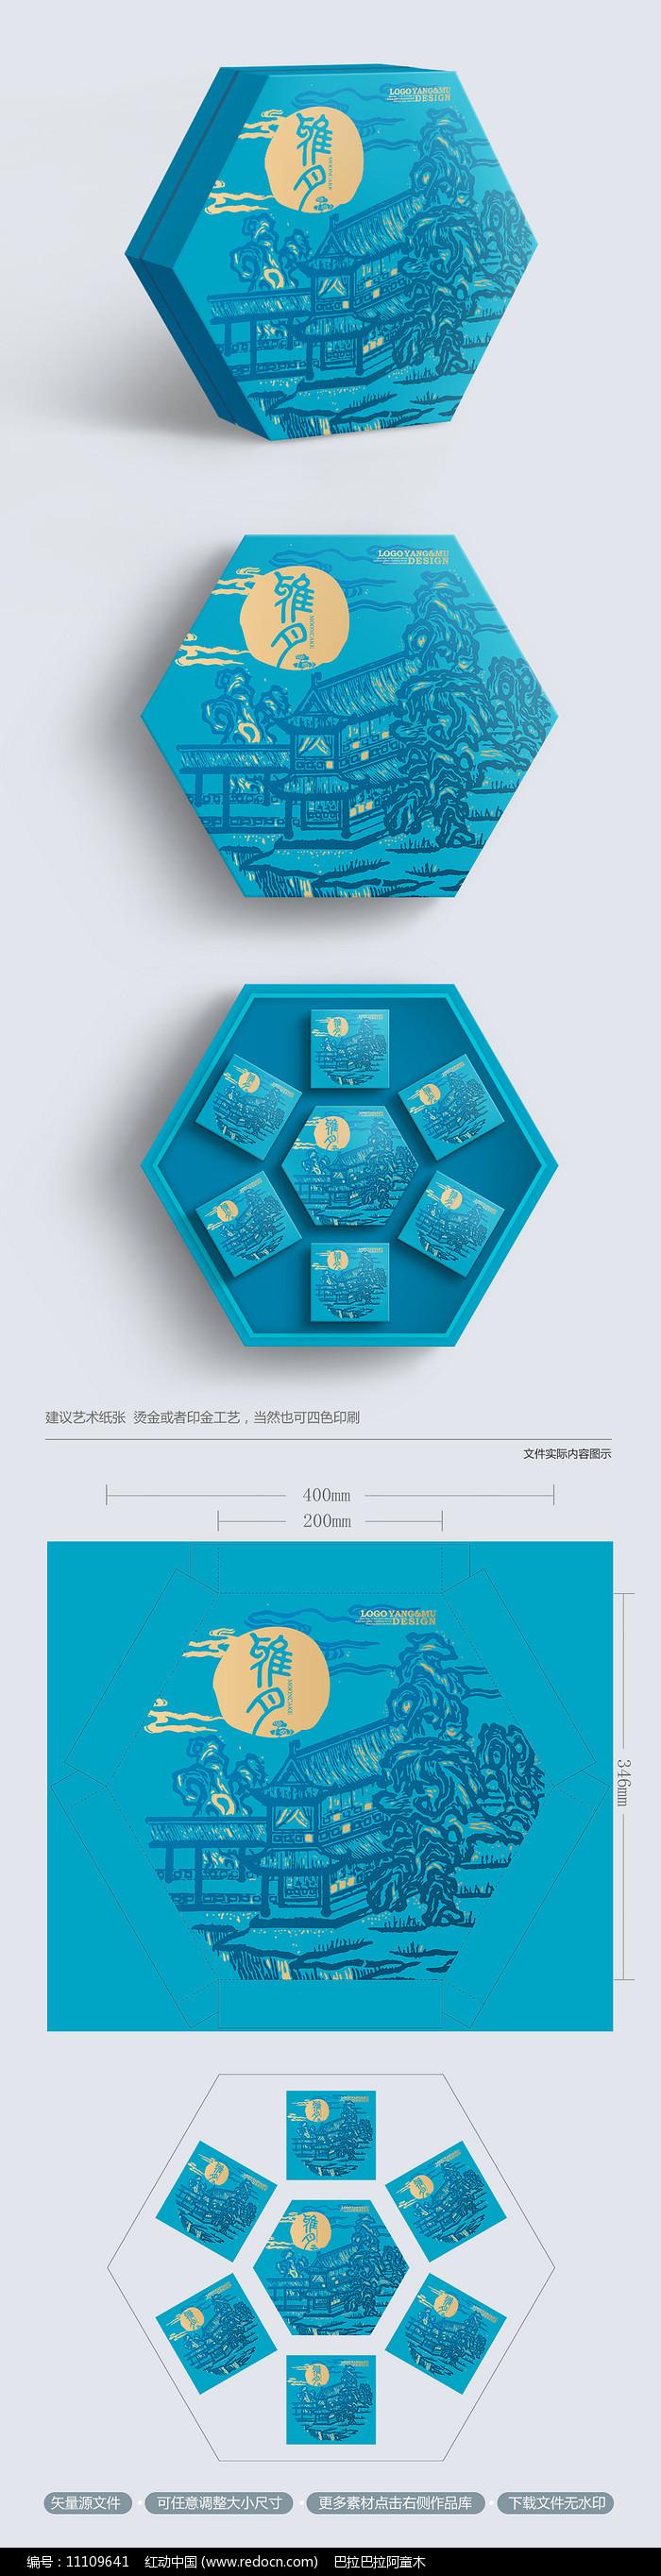 创意传统风景高端中秋月饼礼盒包装图片